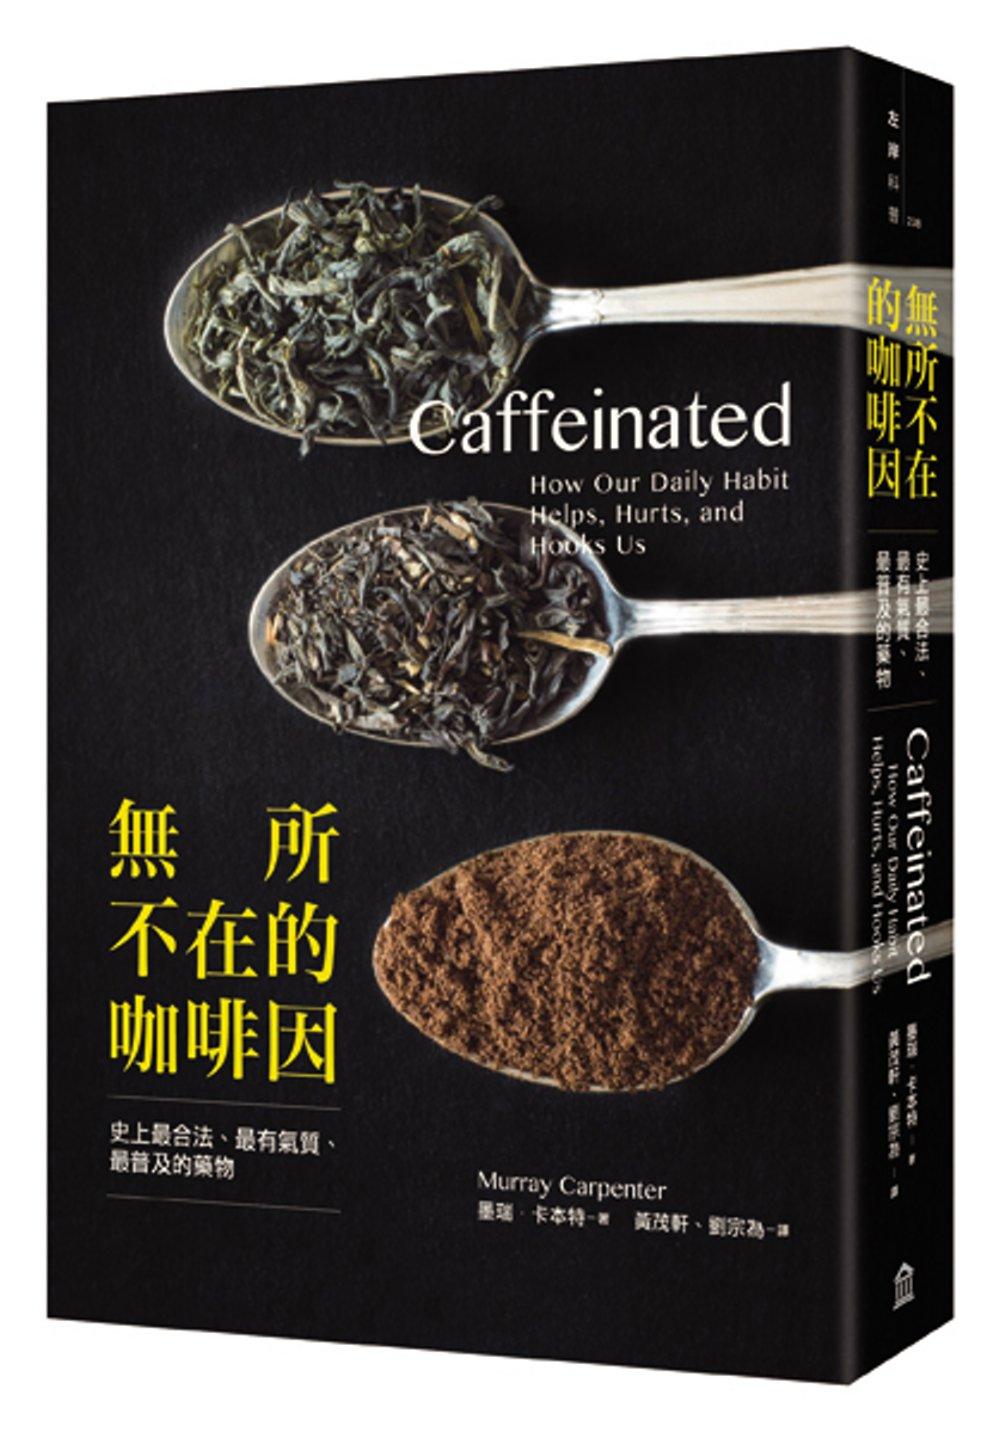 無所不在的咖啡因:史上最合法、最有氣質、最普及的藥物